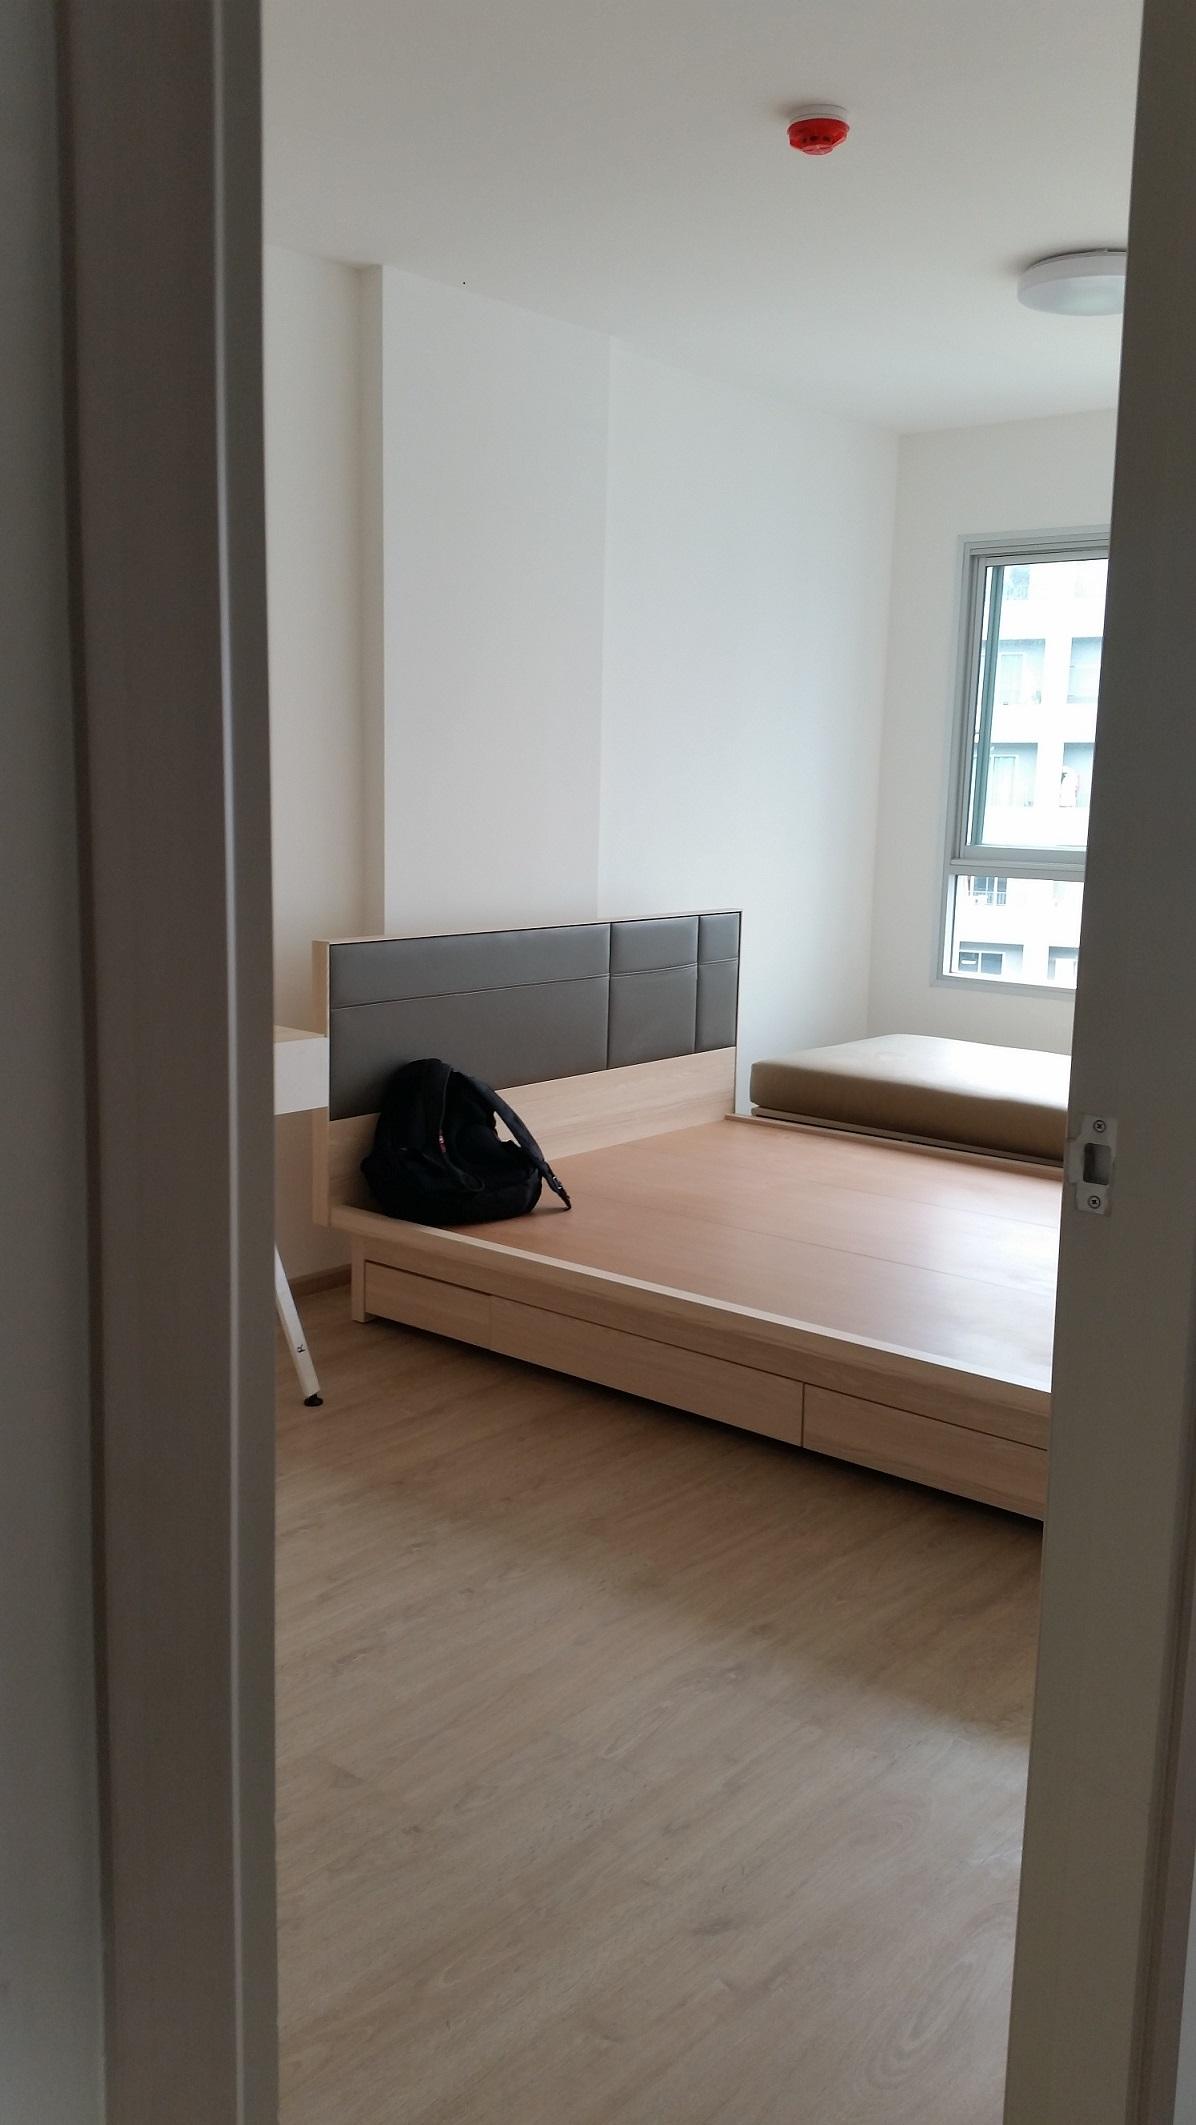 renovate 34 sq mts condo to hotel interior style (3)